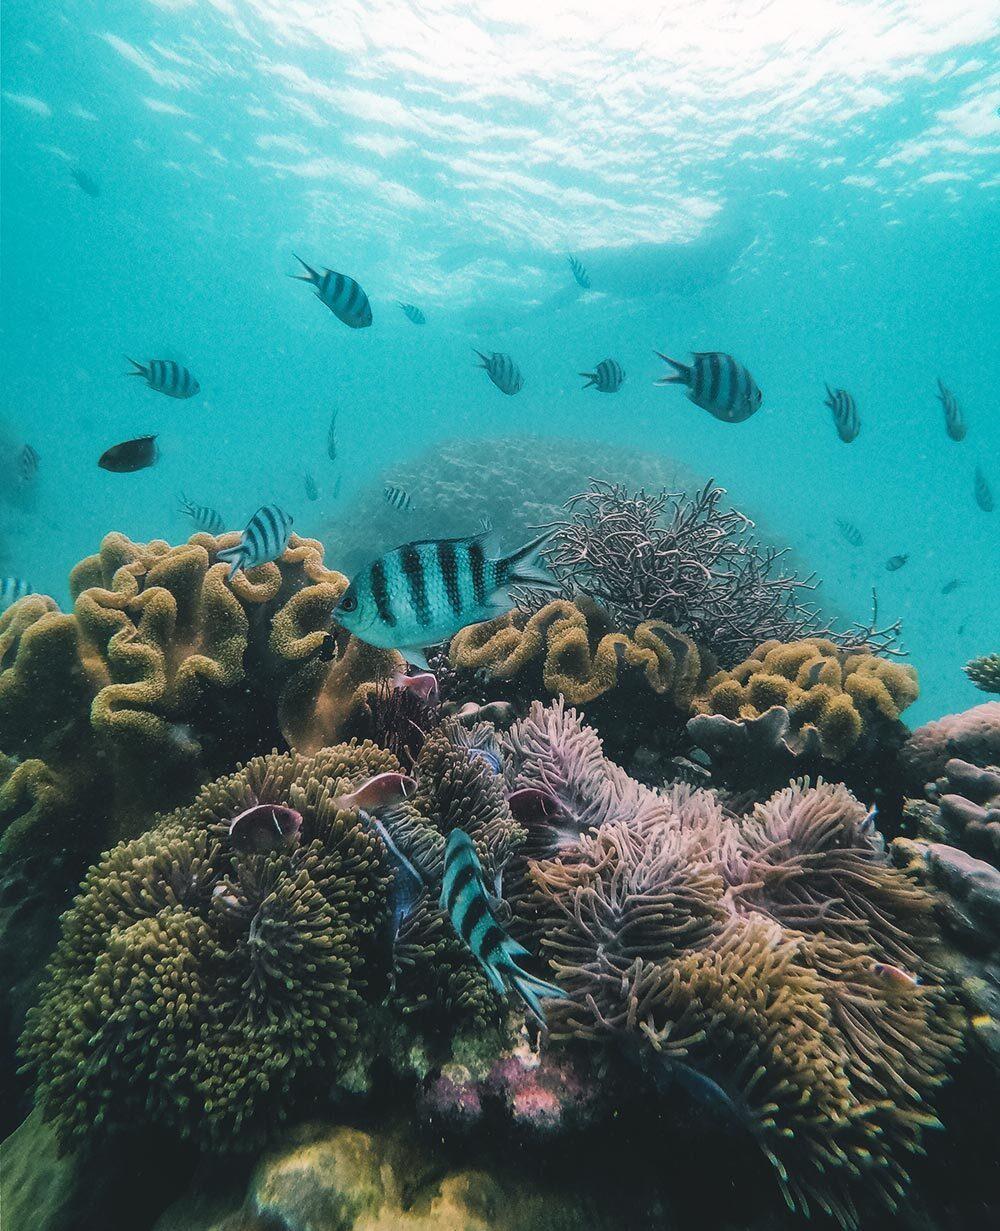 Trải nghiệm lặn biển ngắm san hô trên đảo ngọc Phú Quốc Ảnh 2